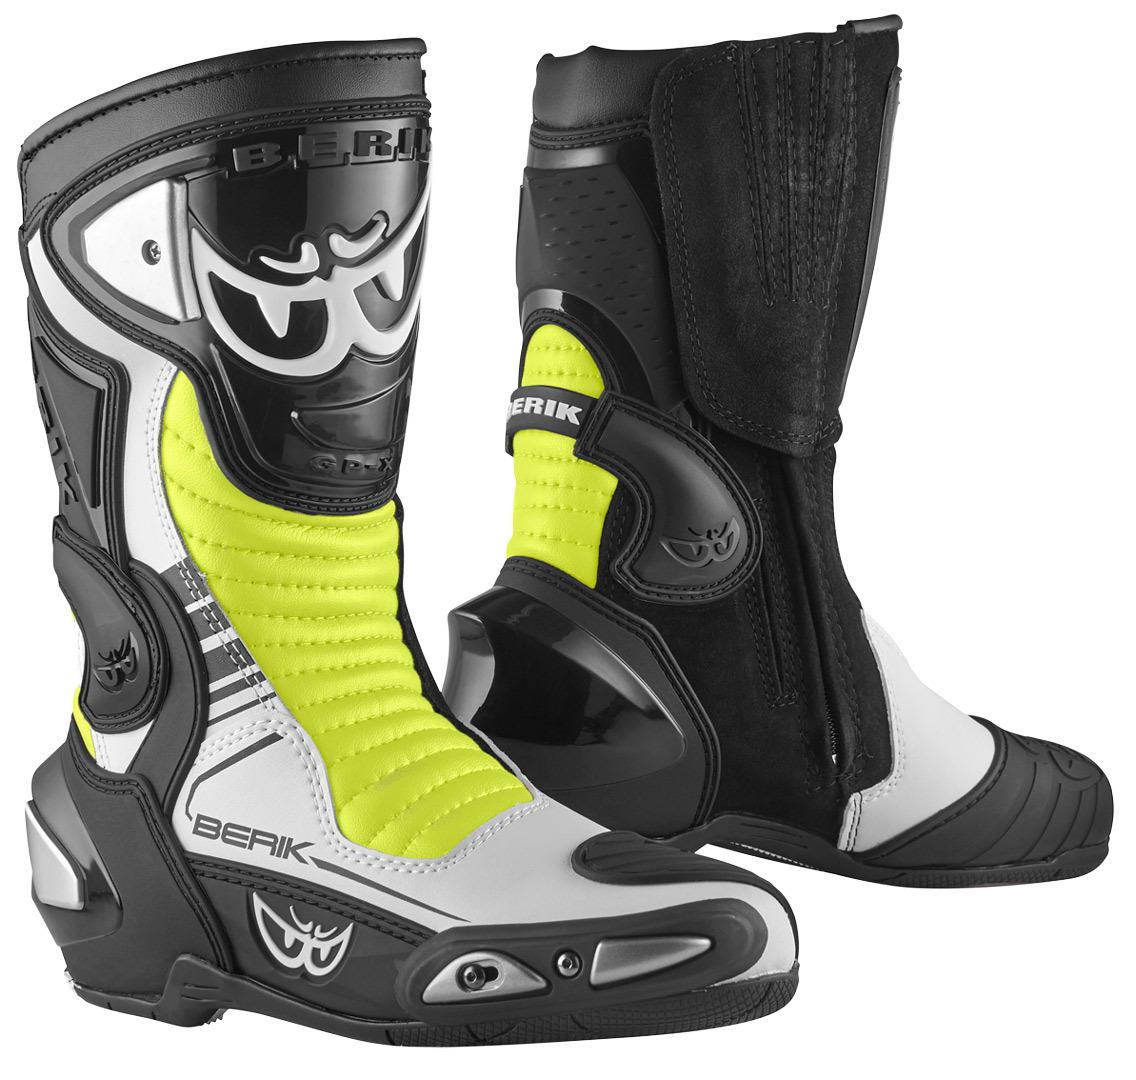 Berik Race-X EVO Motorradstiefel, schwarz-weiss-gelb, Größe 41, schwarz-weiss-gelb, Größe 41